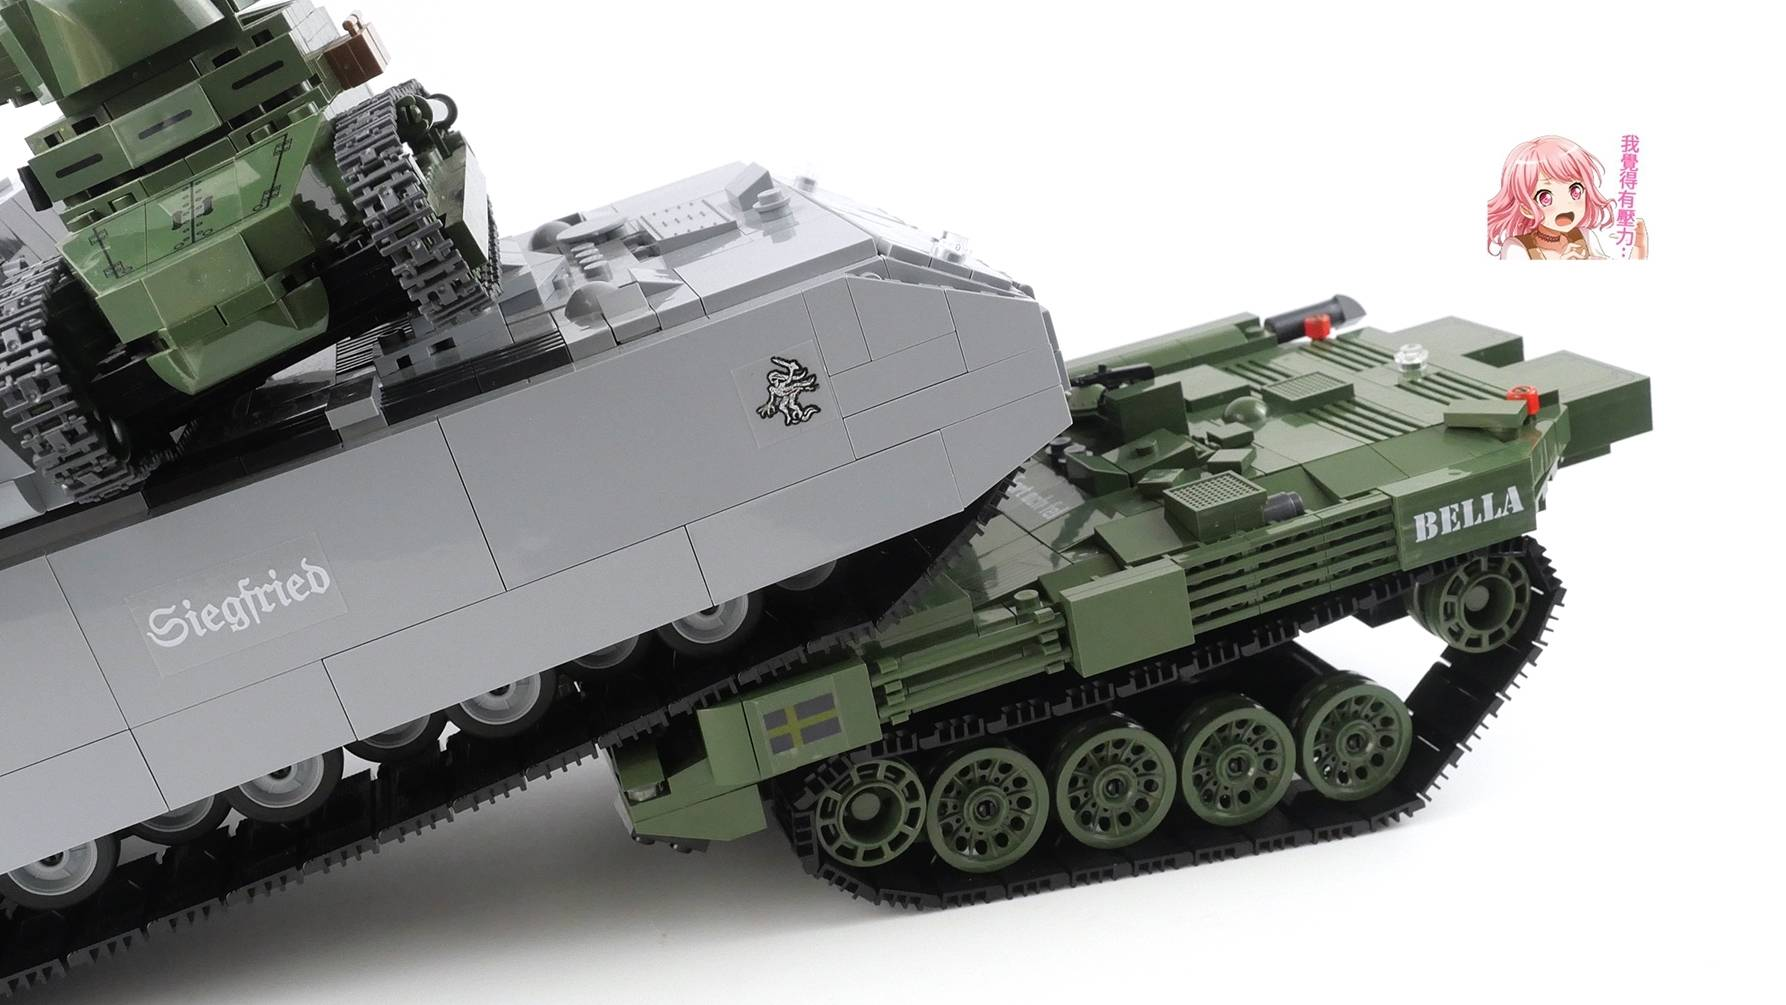 500多片零件,搭建坦克世界里的怪异坦克,你能认出它的原型吗?